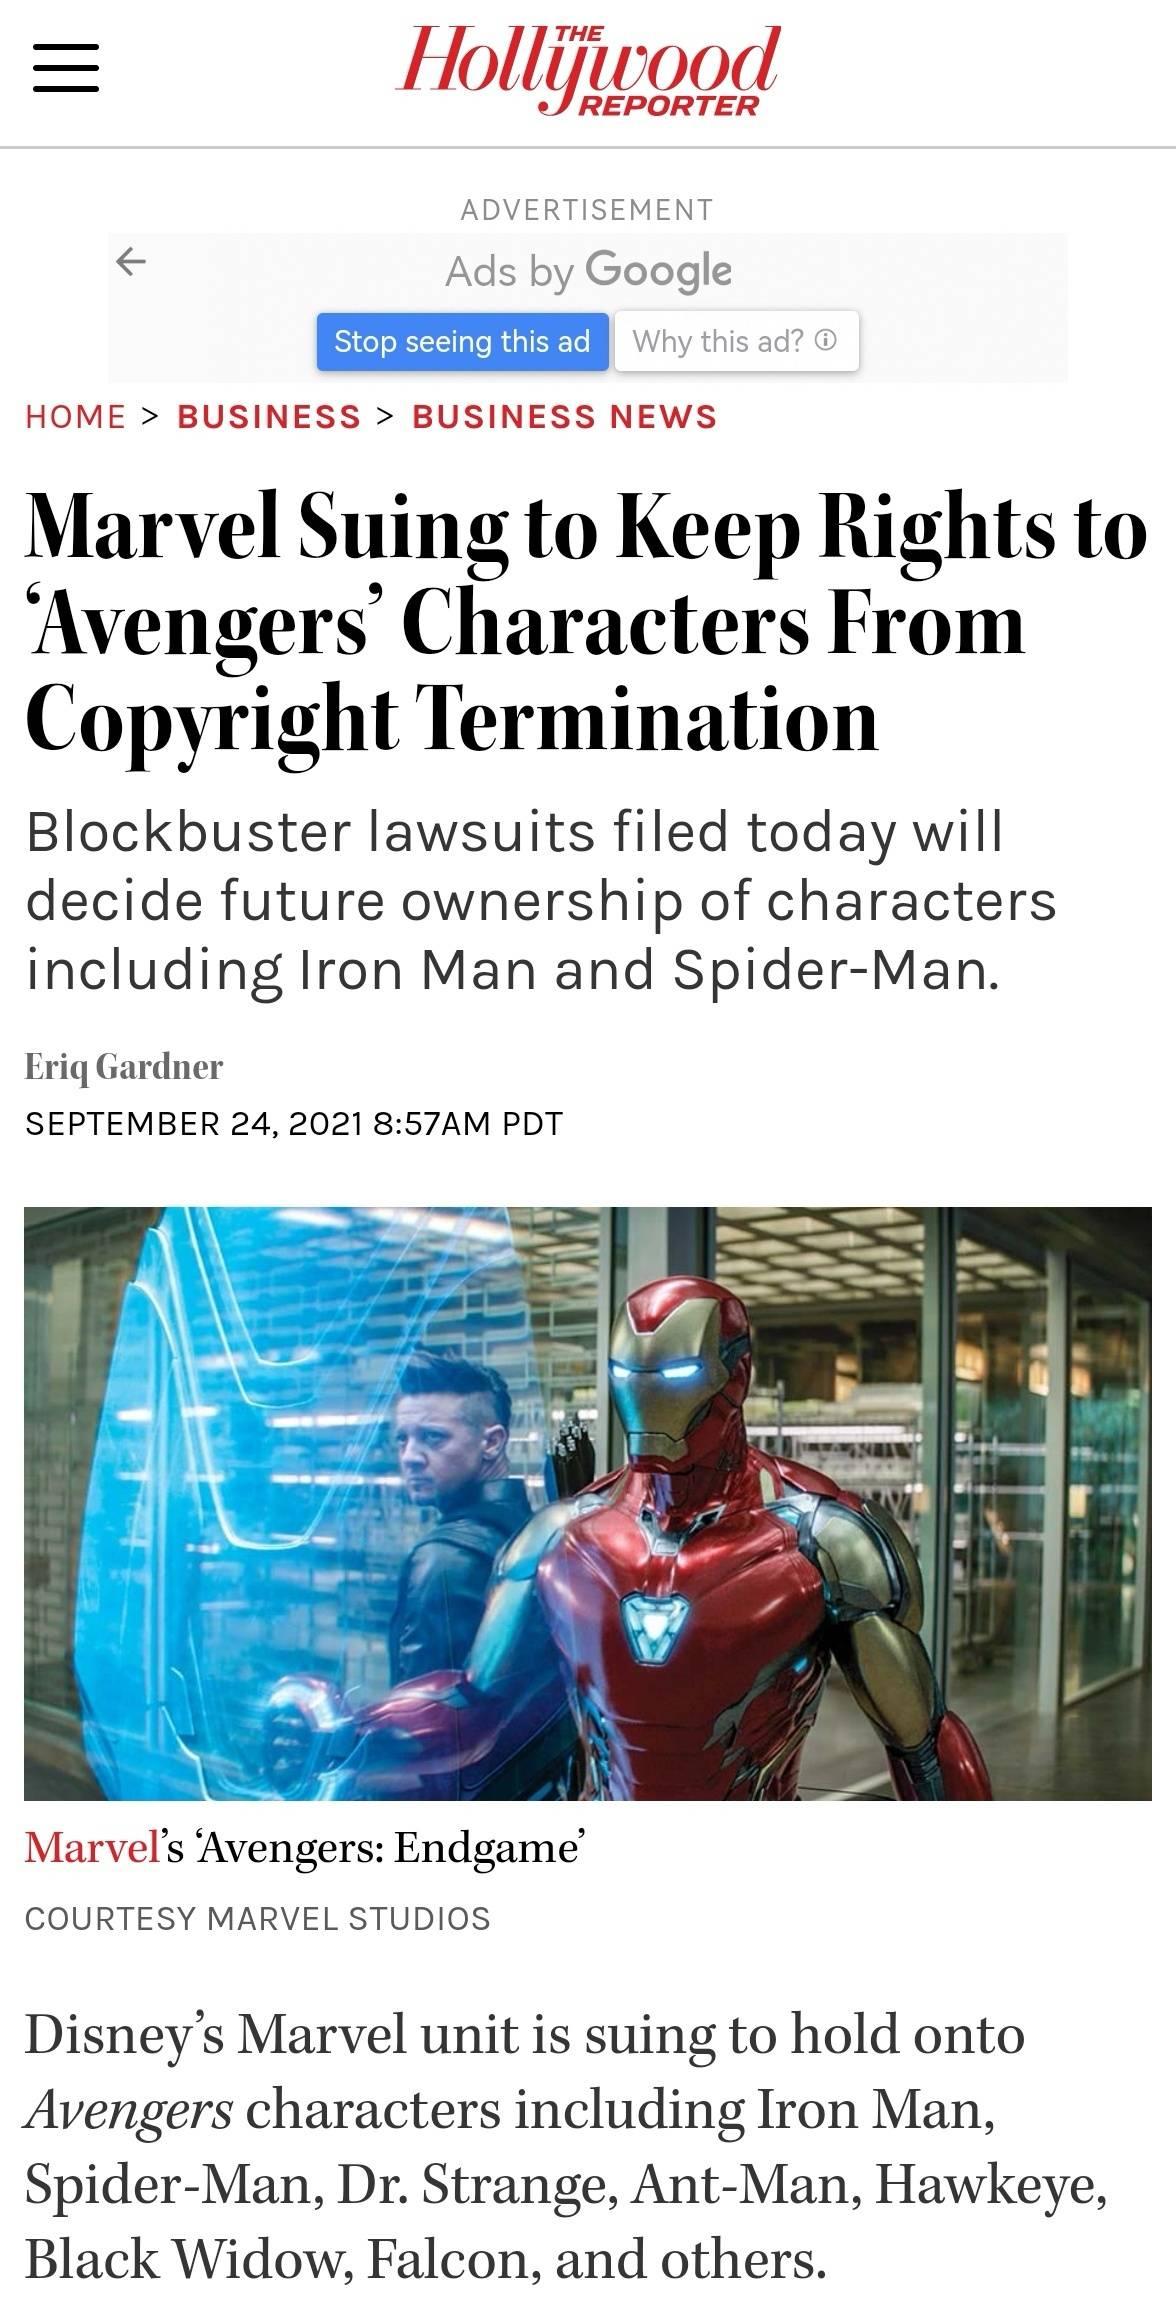 迪士尼旗下漫威部门提起诉讼 要求保住复仇者联盟角色版权